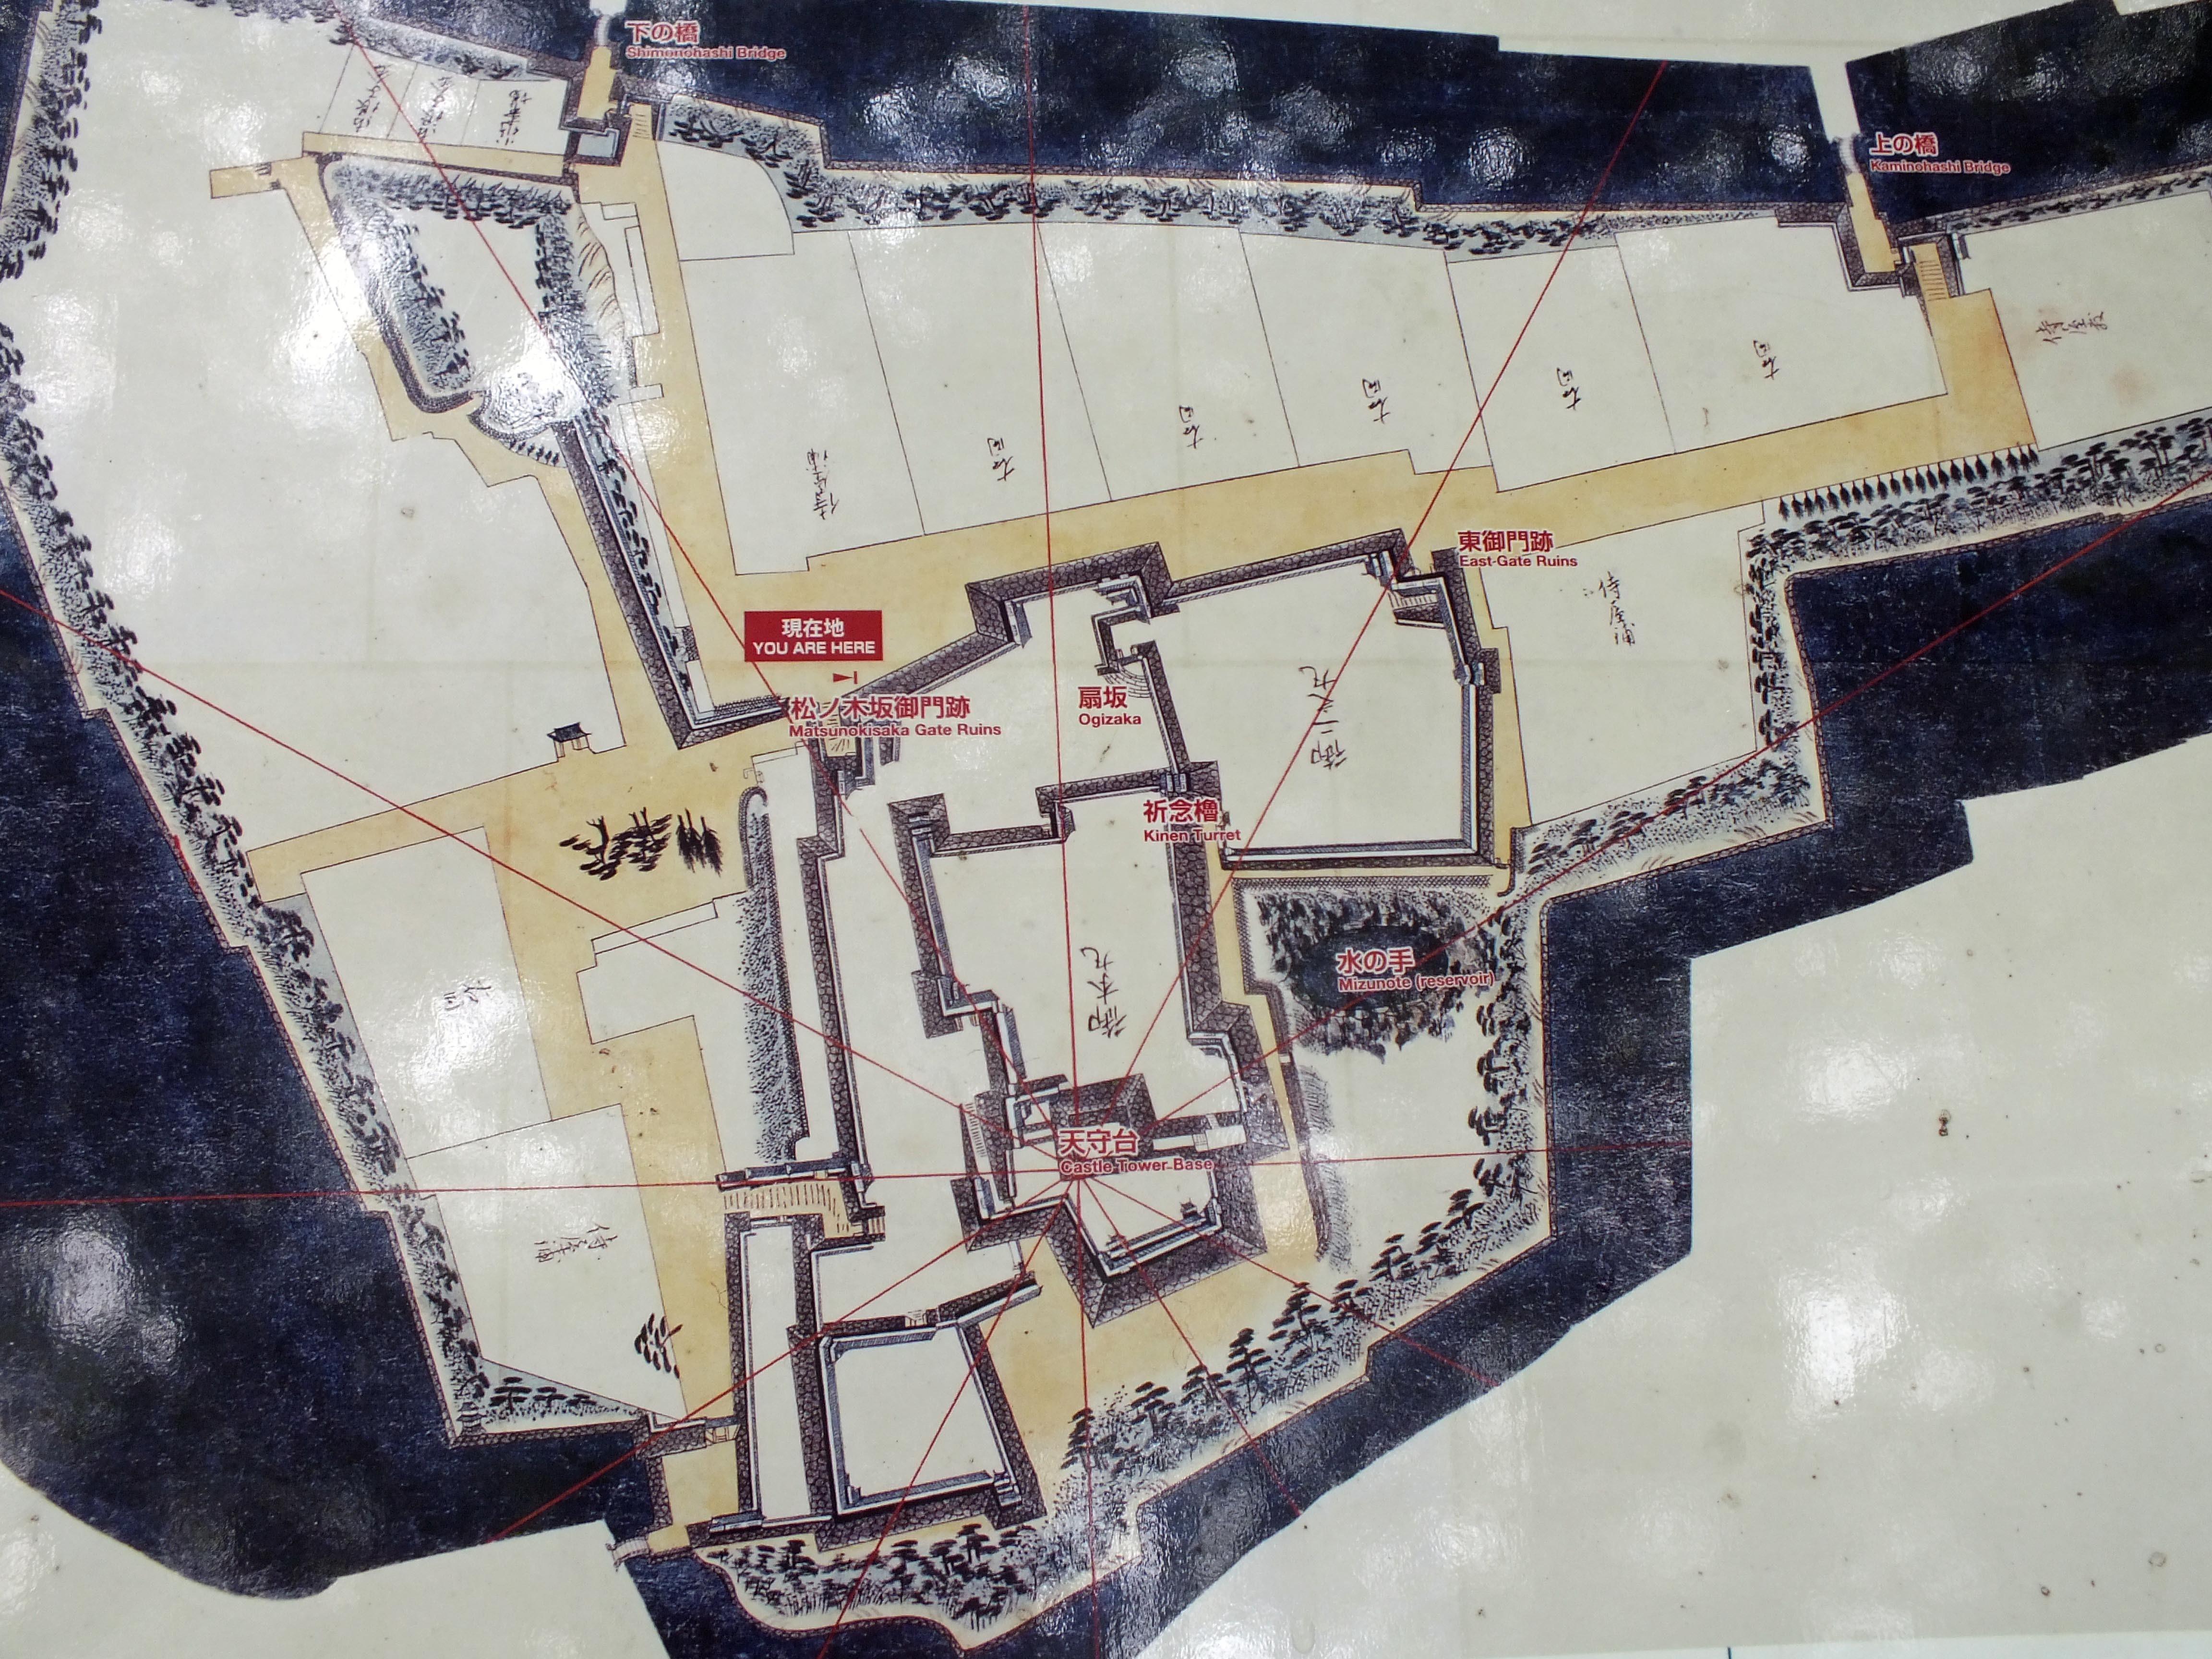 福岡城 絵図現地説明板より